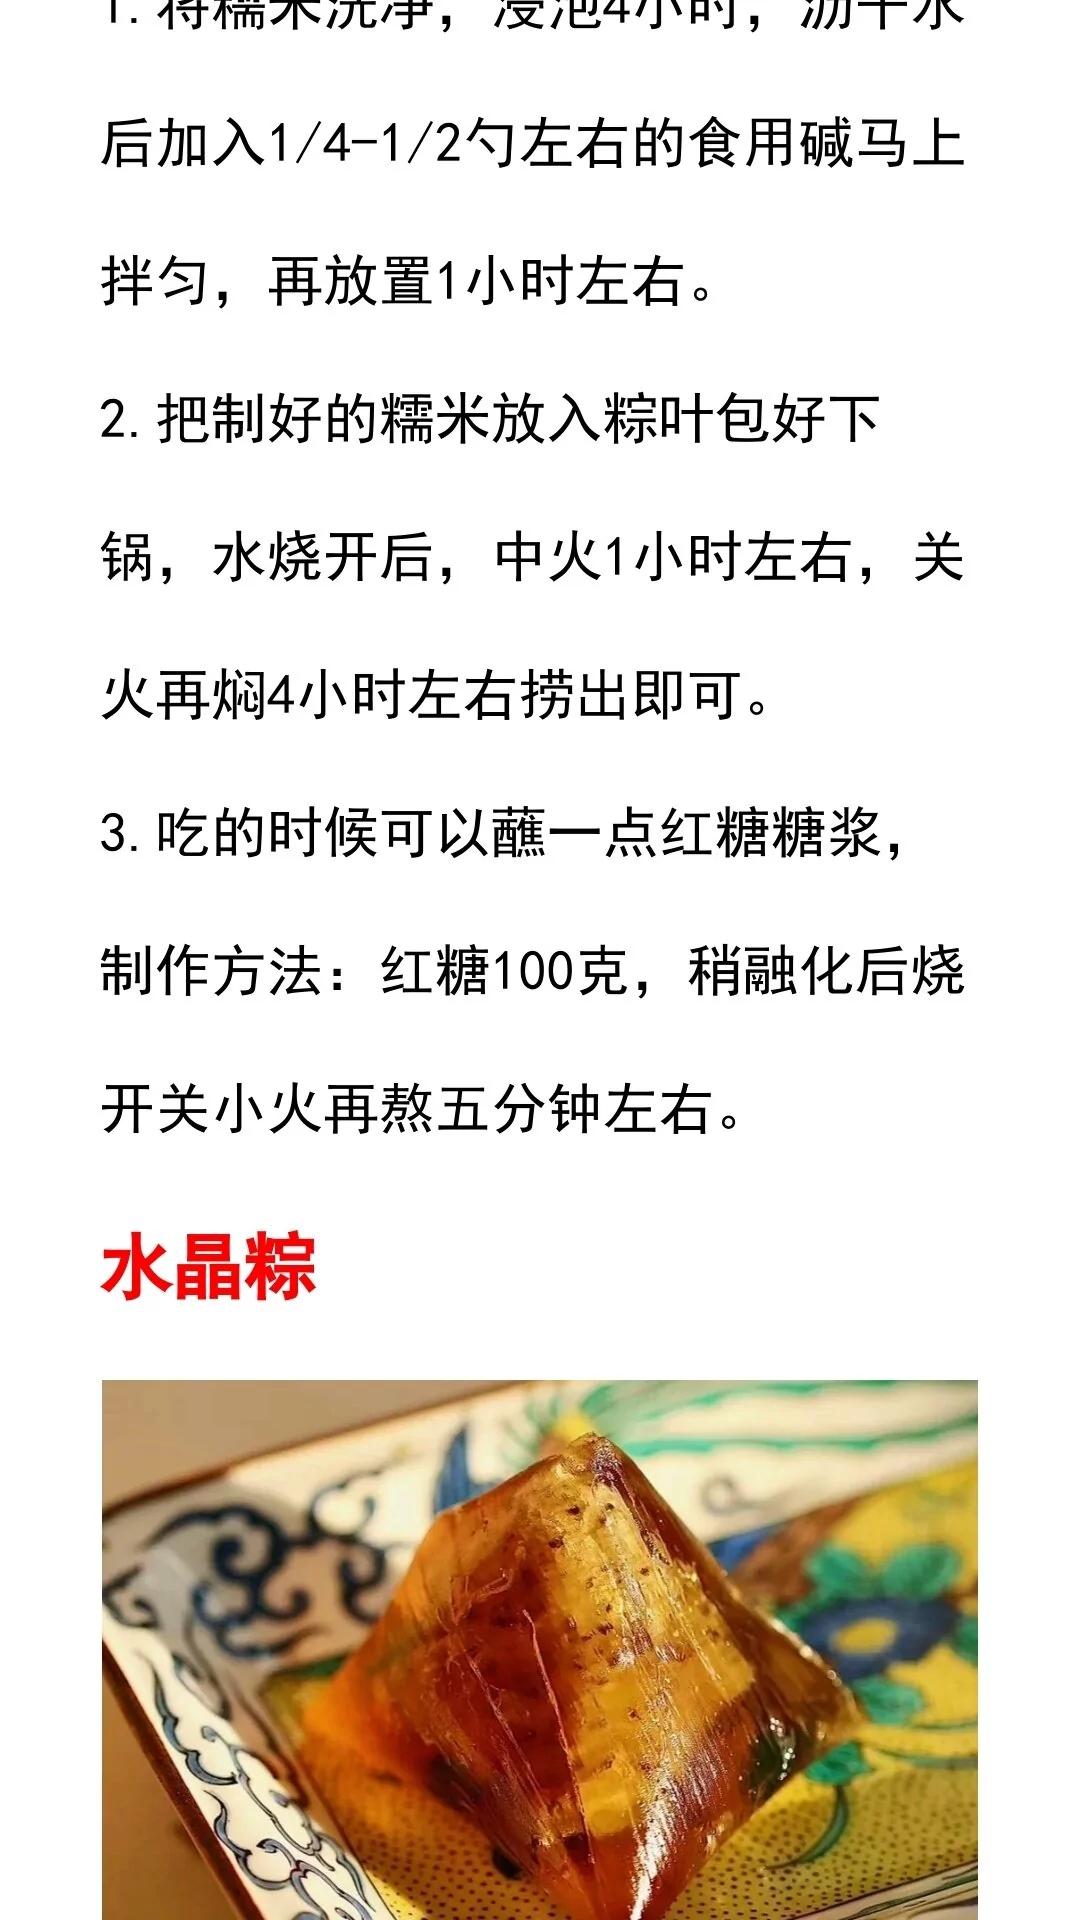 10种粽子的做法及配料!粽子馅种类大全!端午节粽子制作方法教程 美食做法 第3张